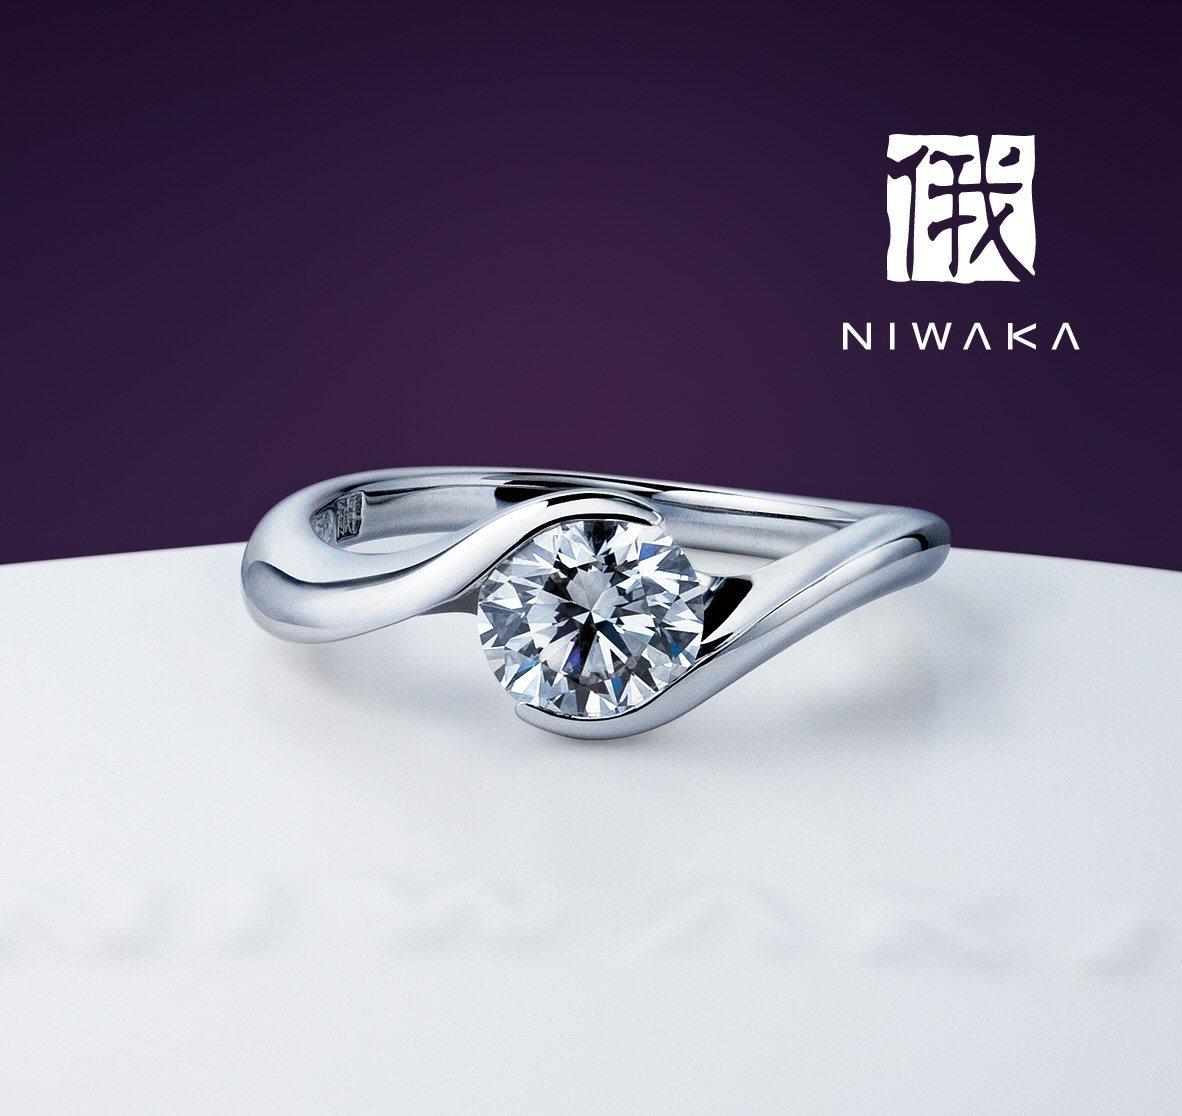 「麗(れい)」の物語~形が整った美しさと丈夫さ。引っ掛らなくて役立つ婚約指輪の代表作~俄の婚約指輪のエピソード_f0118568_15143111.jpg